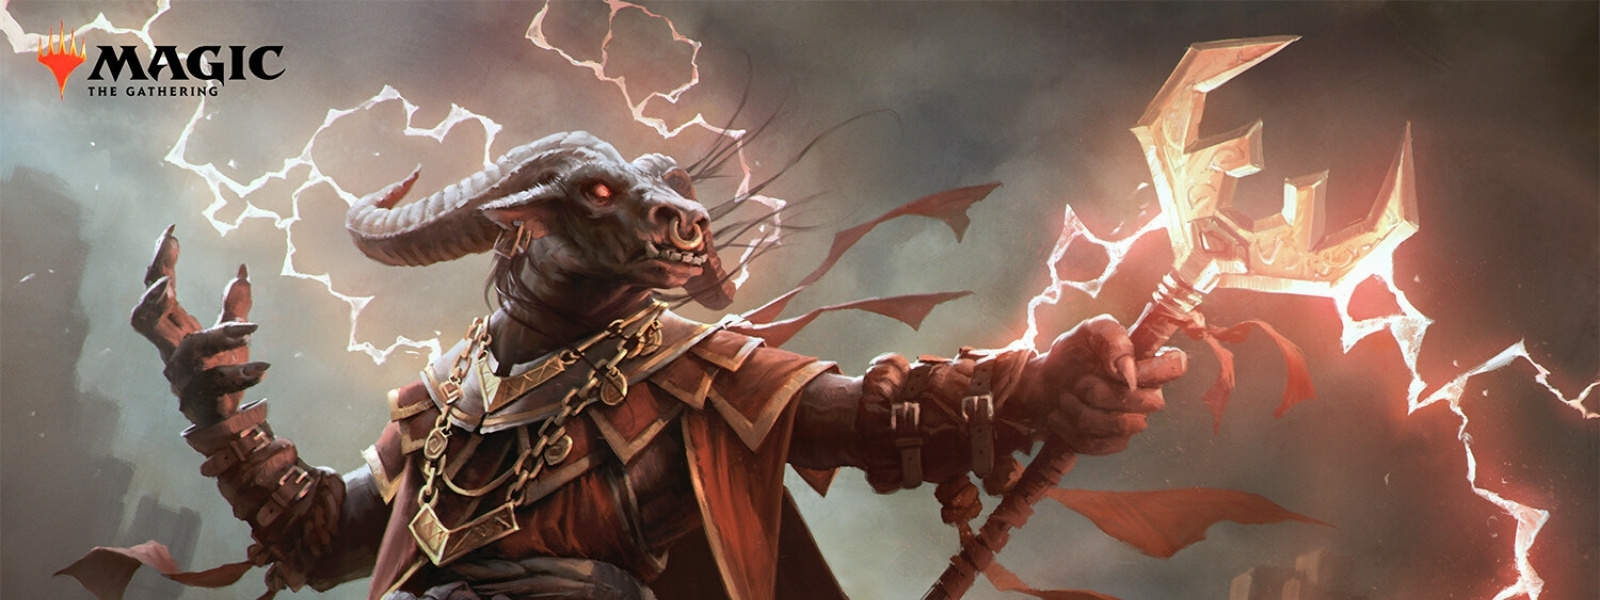 Lightning Visionary - Witch Bolt 5e